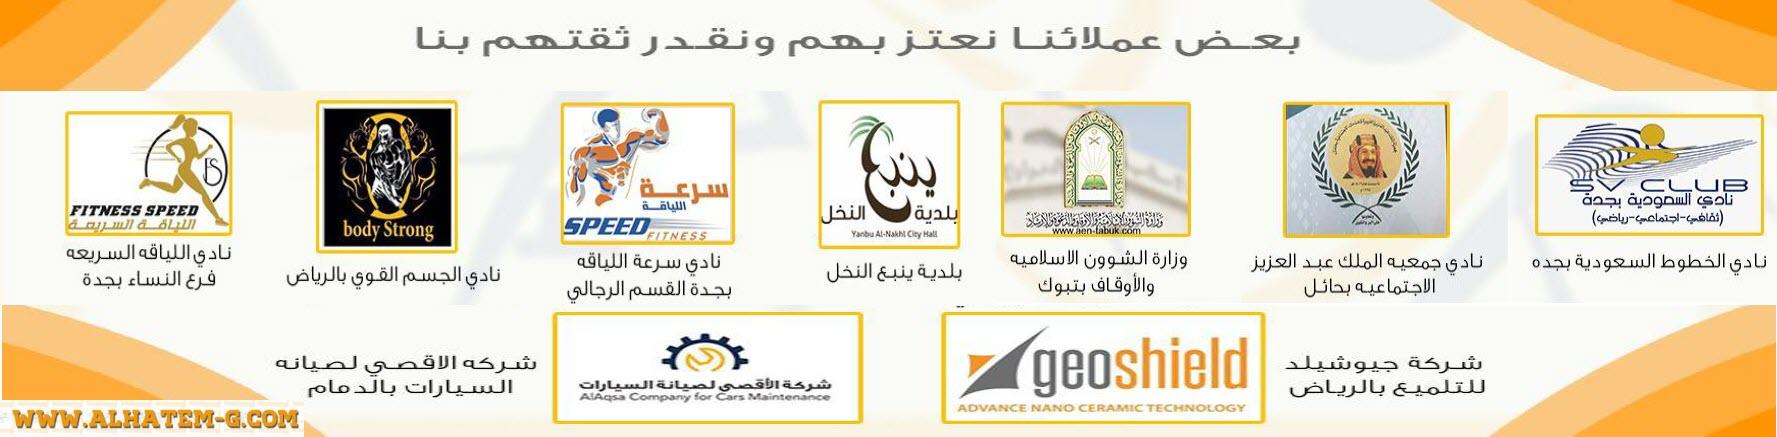 عملائنا Alhatem G مجموعة برامج الحاتم